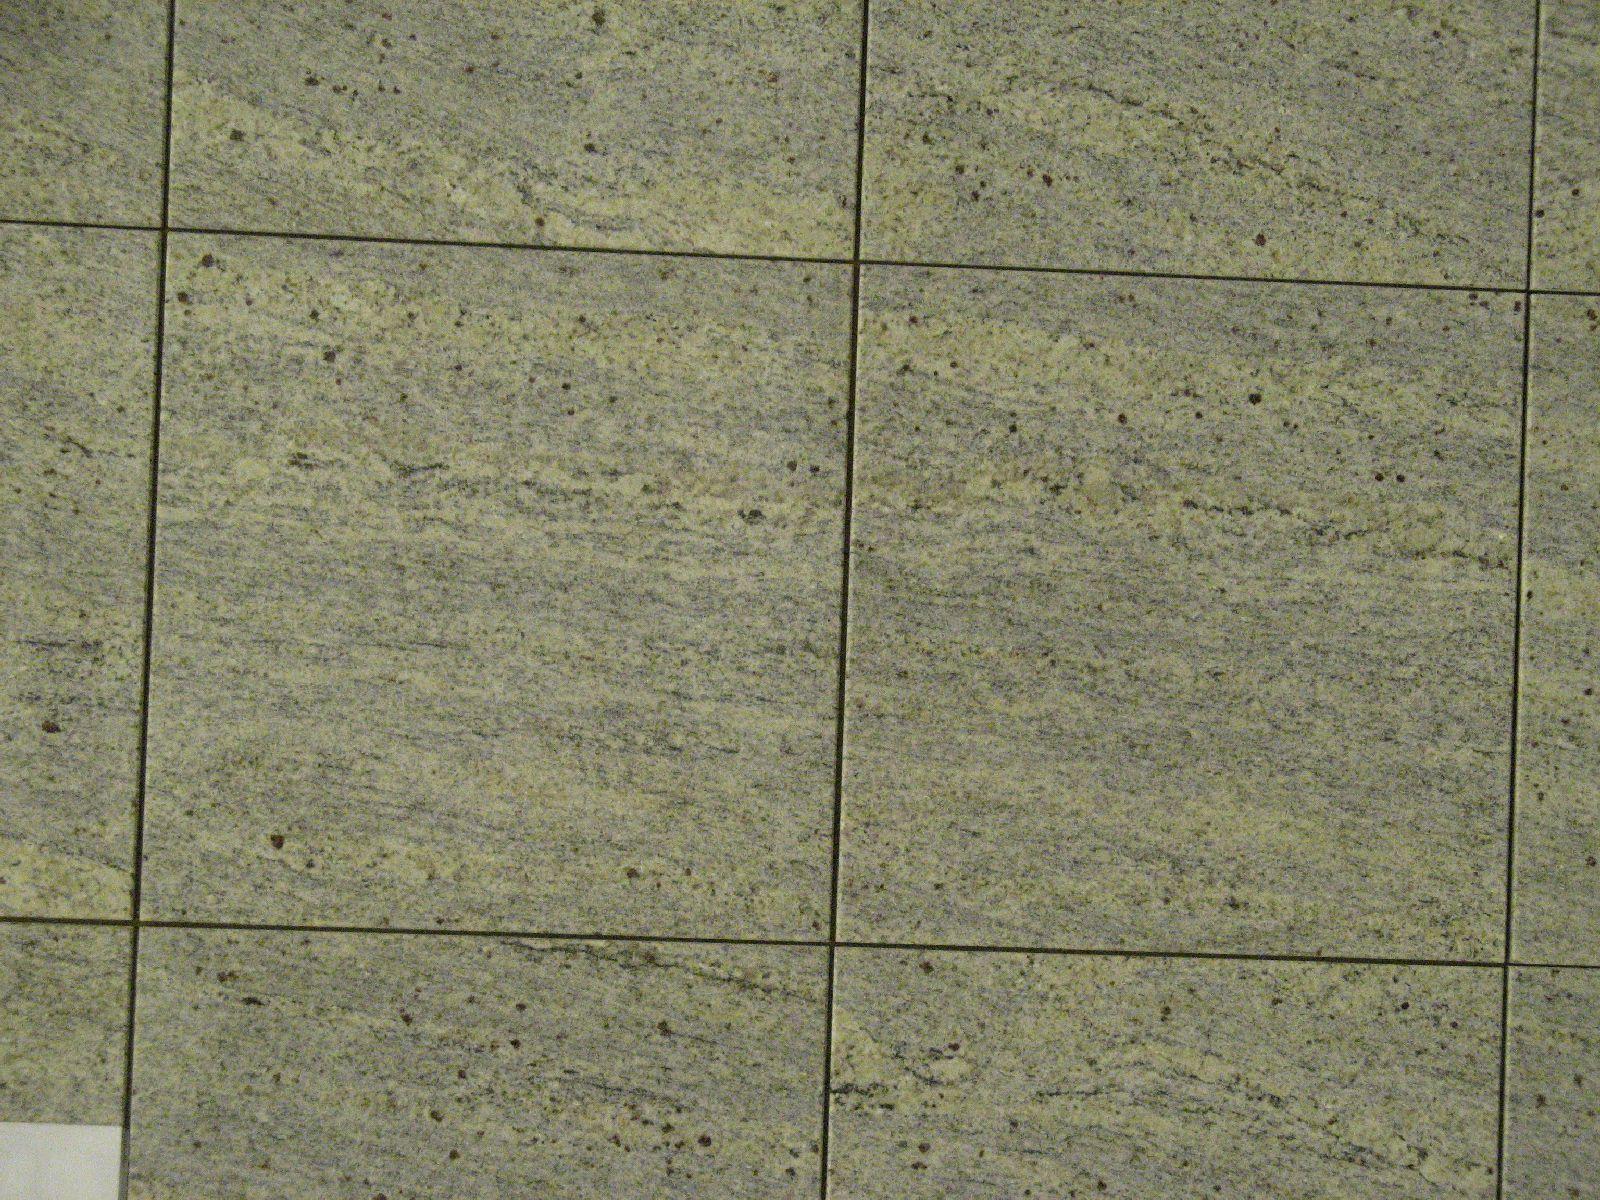 Ground-Urban_Texture_B_4759